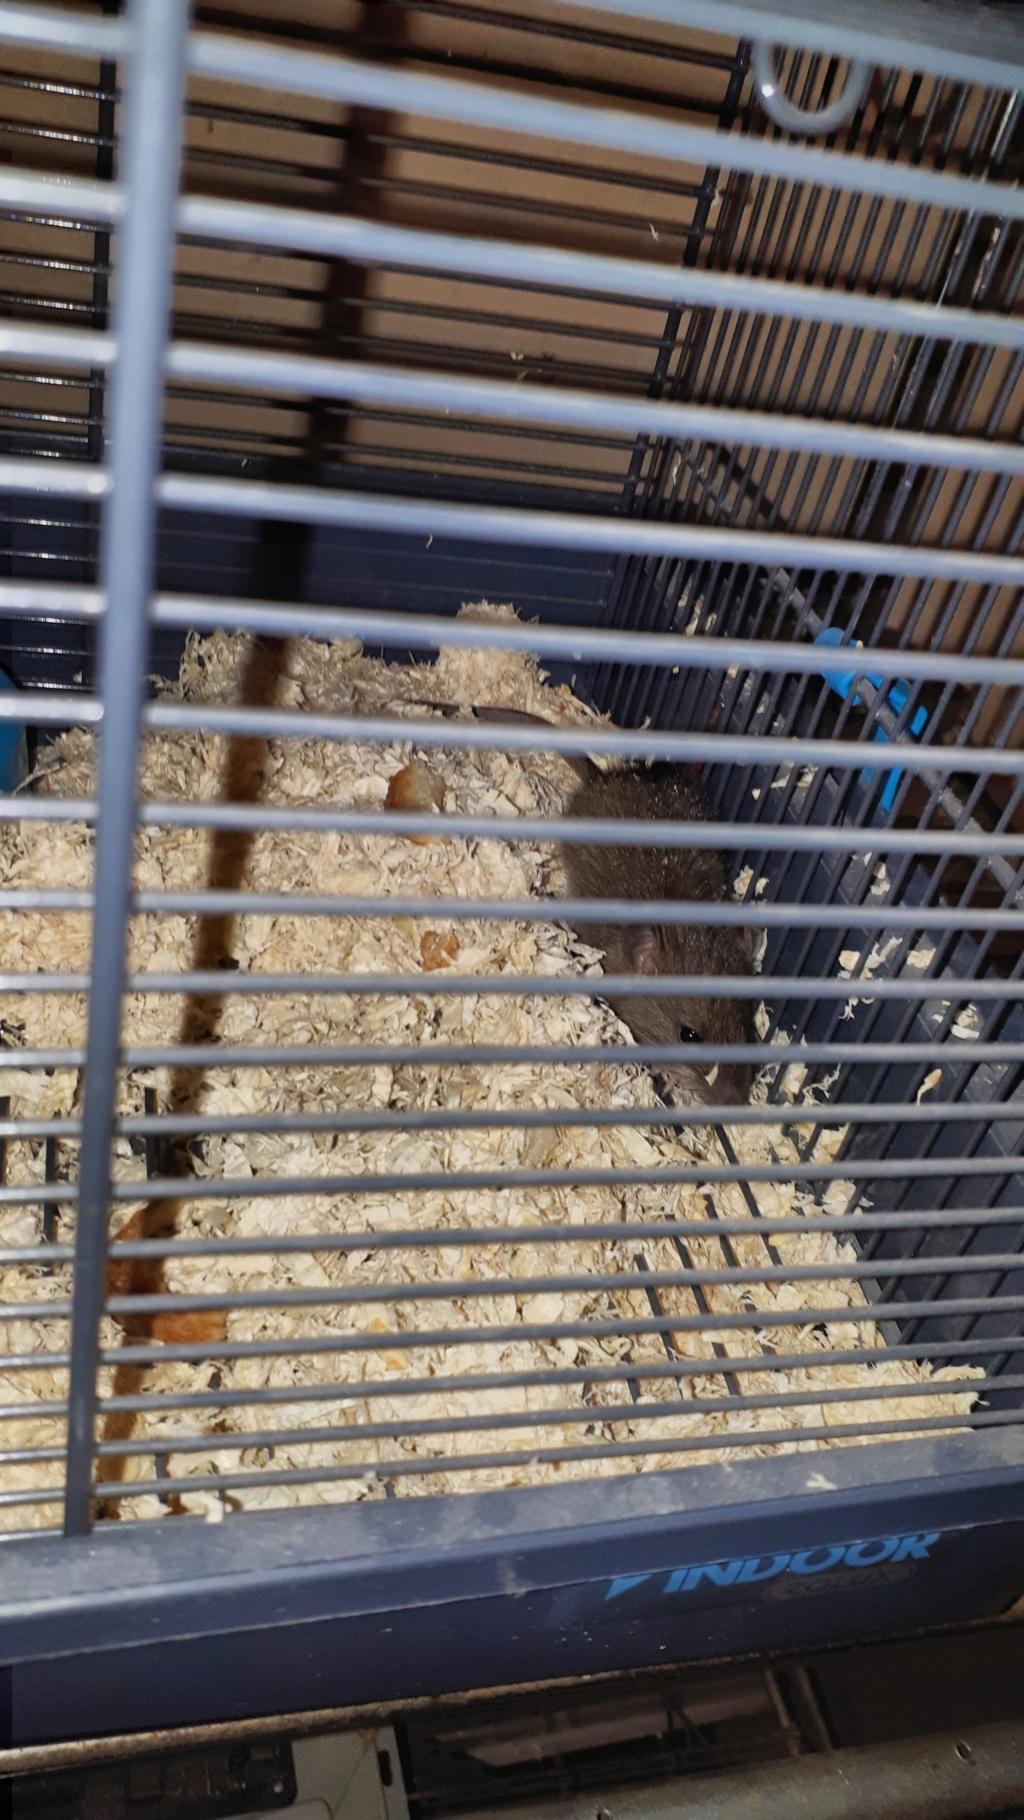 Sauvetage d'un jeune rat des griffes de ma chatte Gaspar10